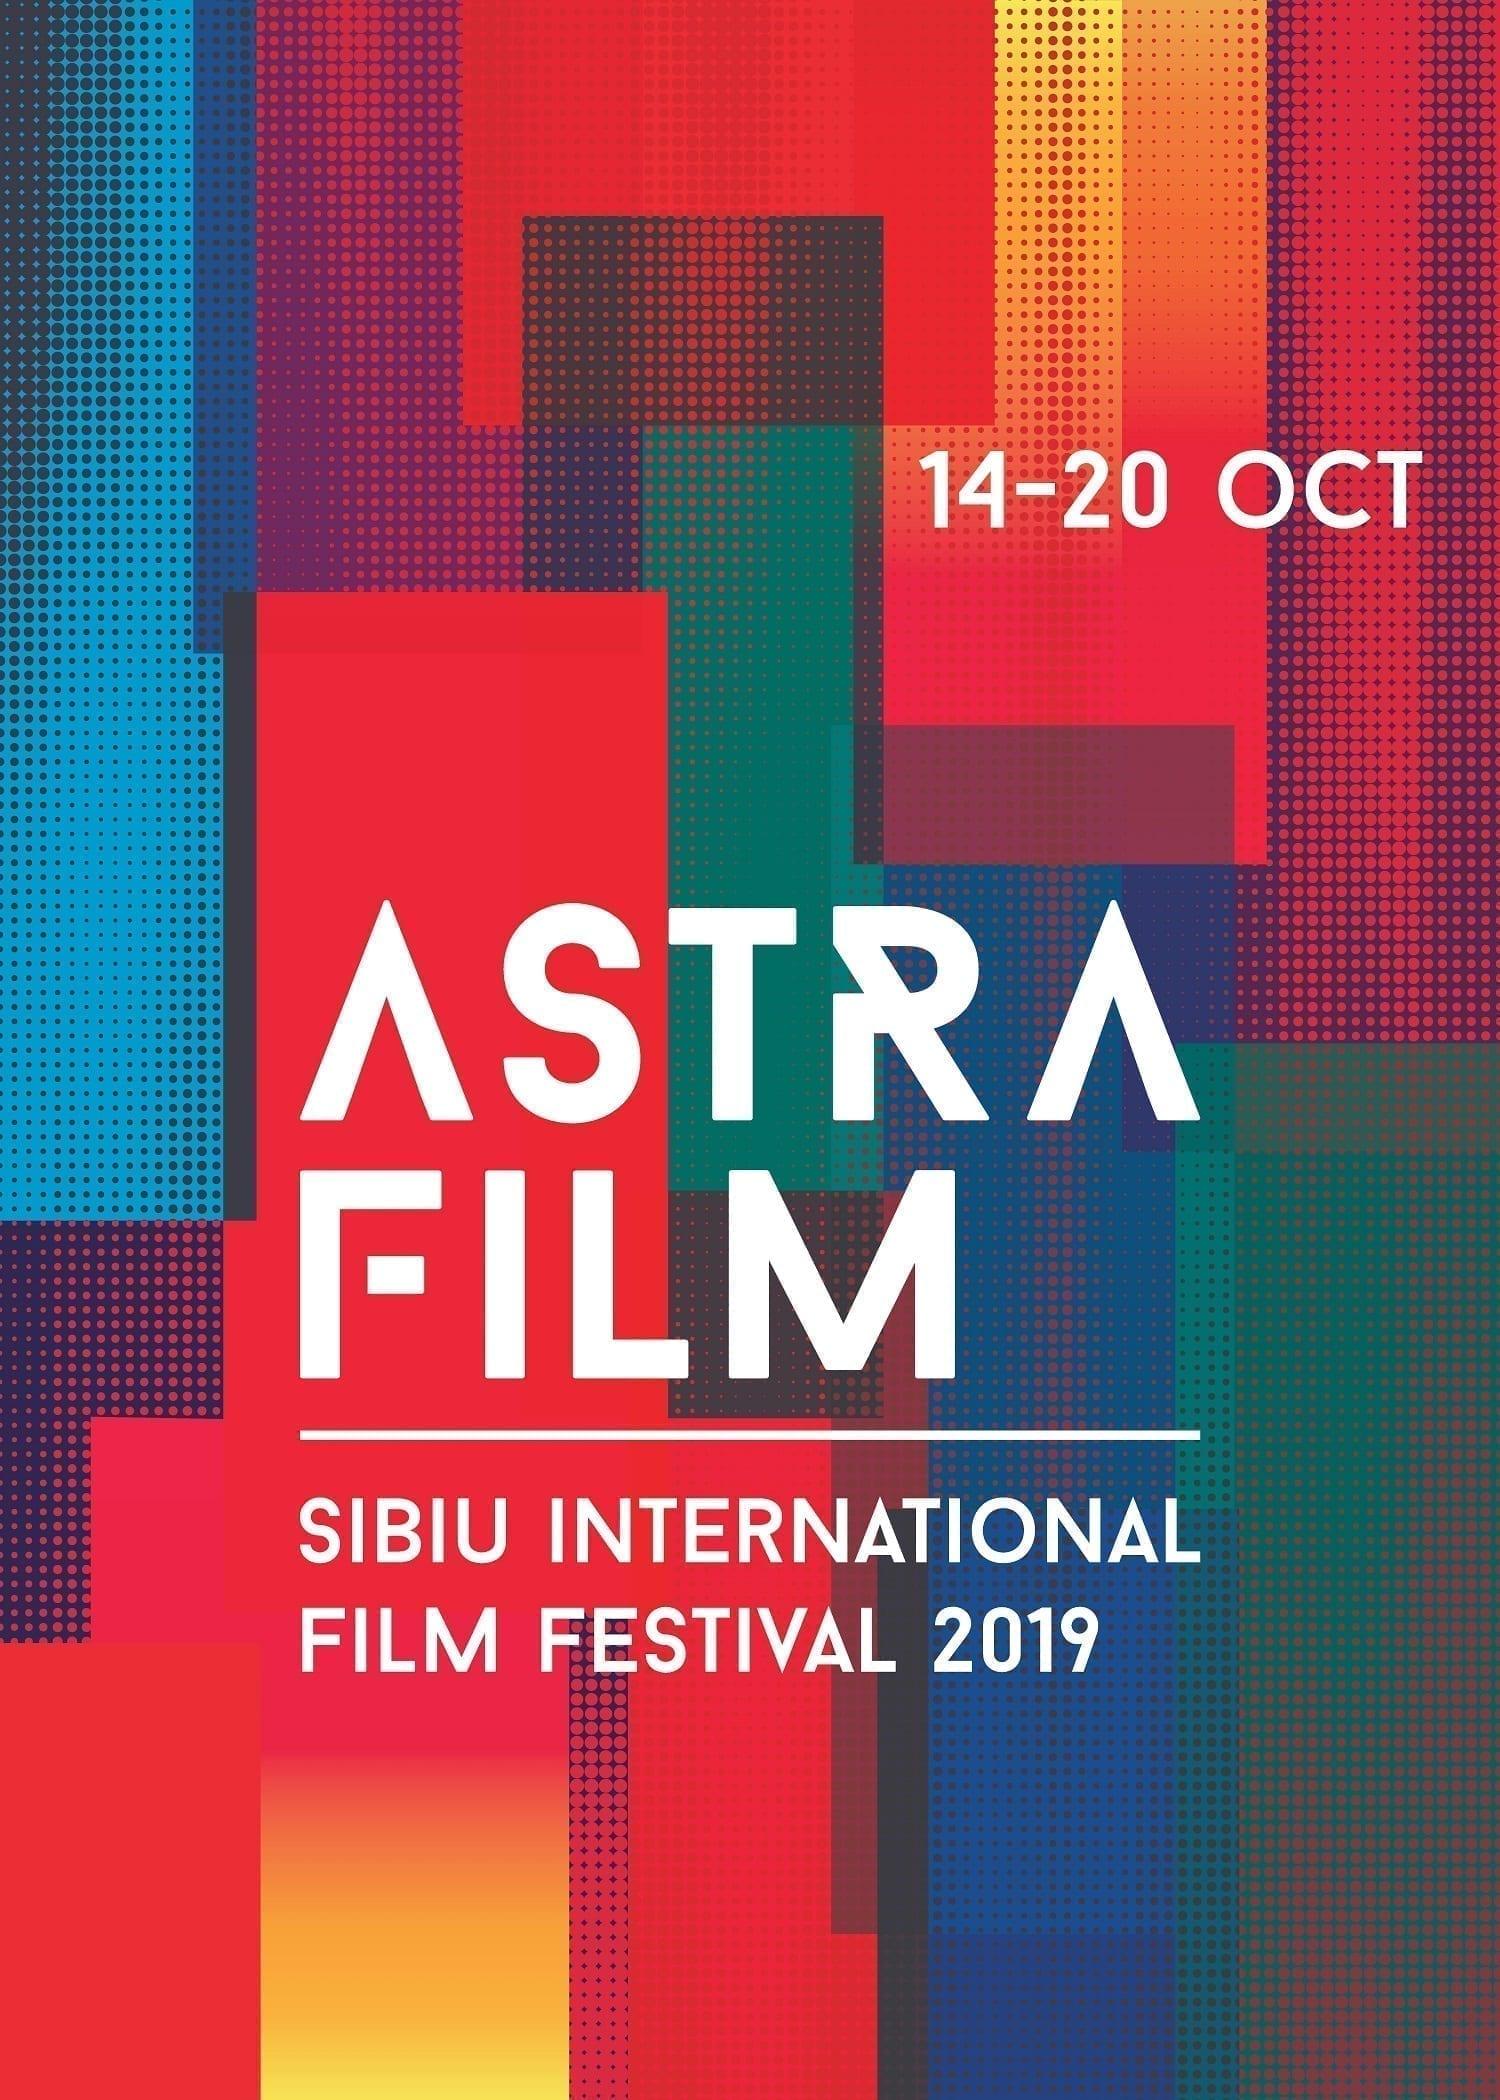 Începe Astra Film Festival 2019: spectacolul lumii se mută la Sibiu, între 14 și 20 octombrie